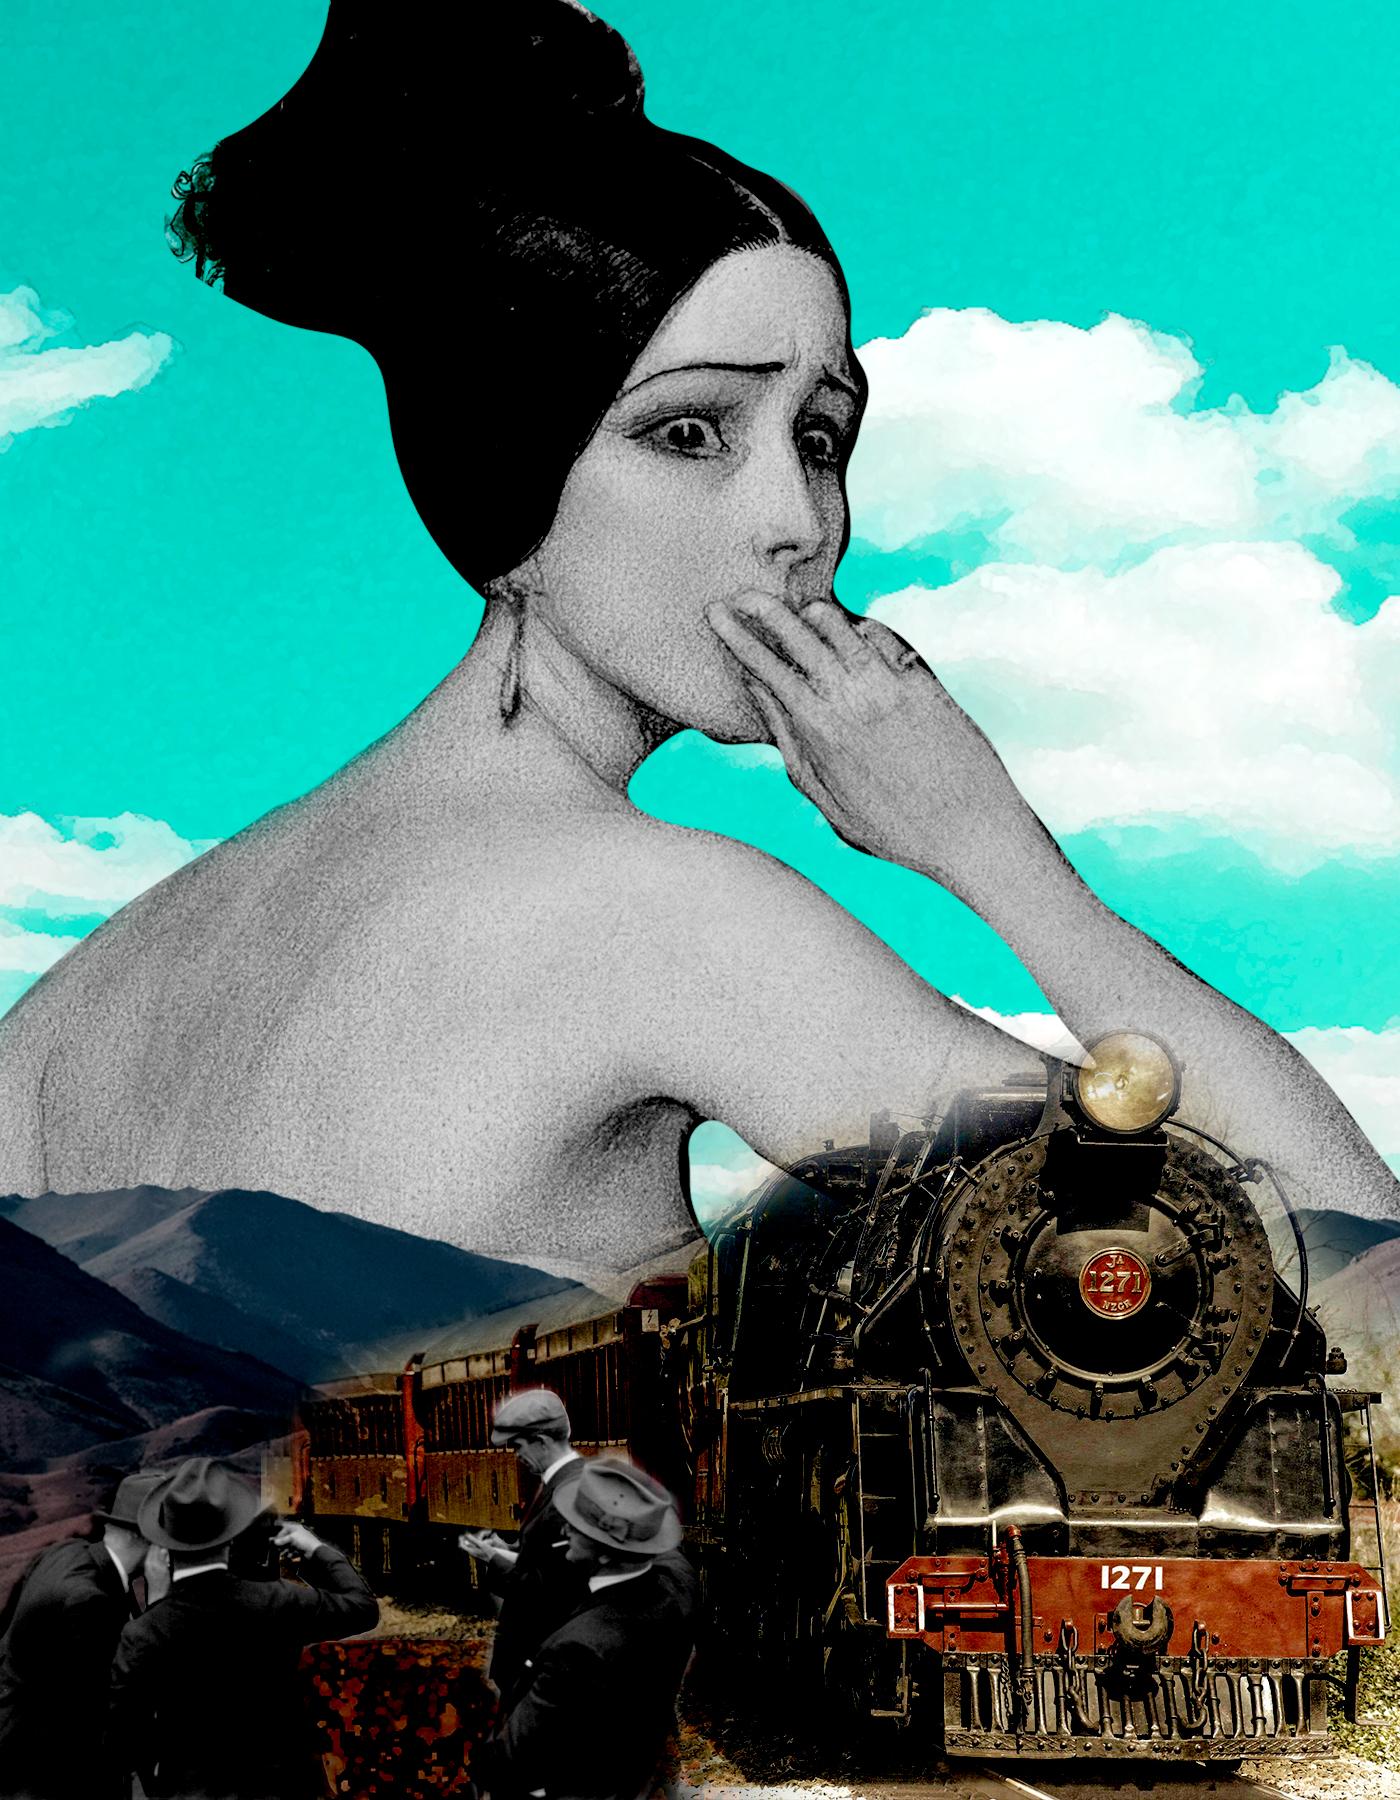 Mujer en blanco y negro con cara de dudar. Tren antiguo a color con grupo de fotógrafos en blanco y negro. Cielo y tren a color. Surrealismo. Loco Mundo Arte y Bohemia